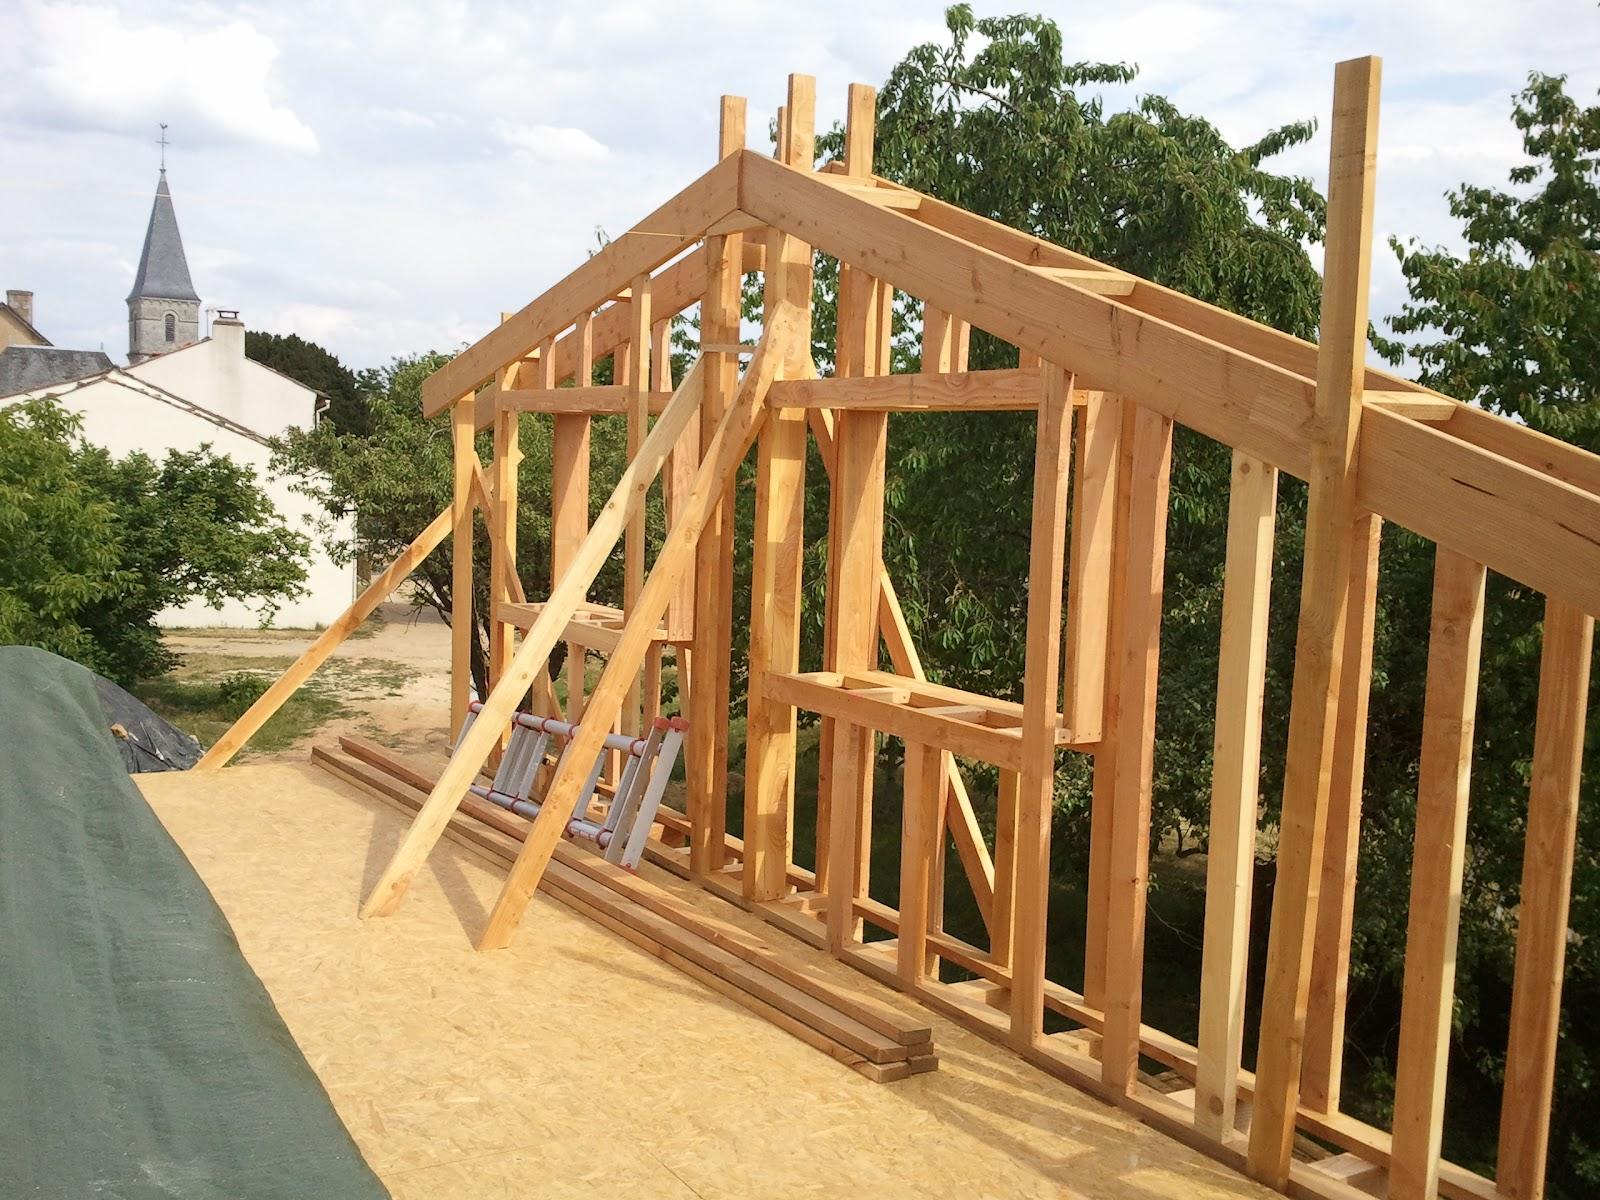 Notre maison ossature bois isolation paille  On avance l'ossature de l'étage # Construire Une Extension En Bois Soi Même